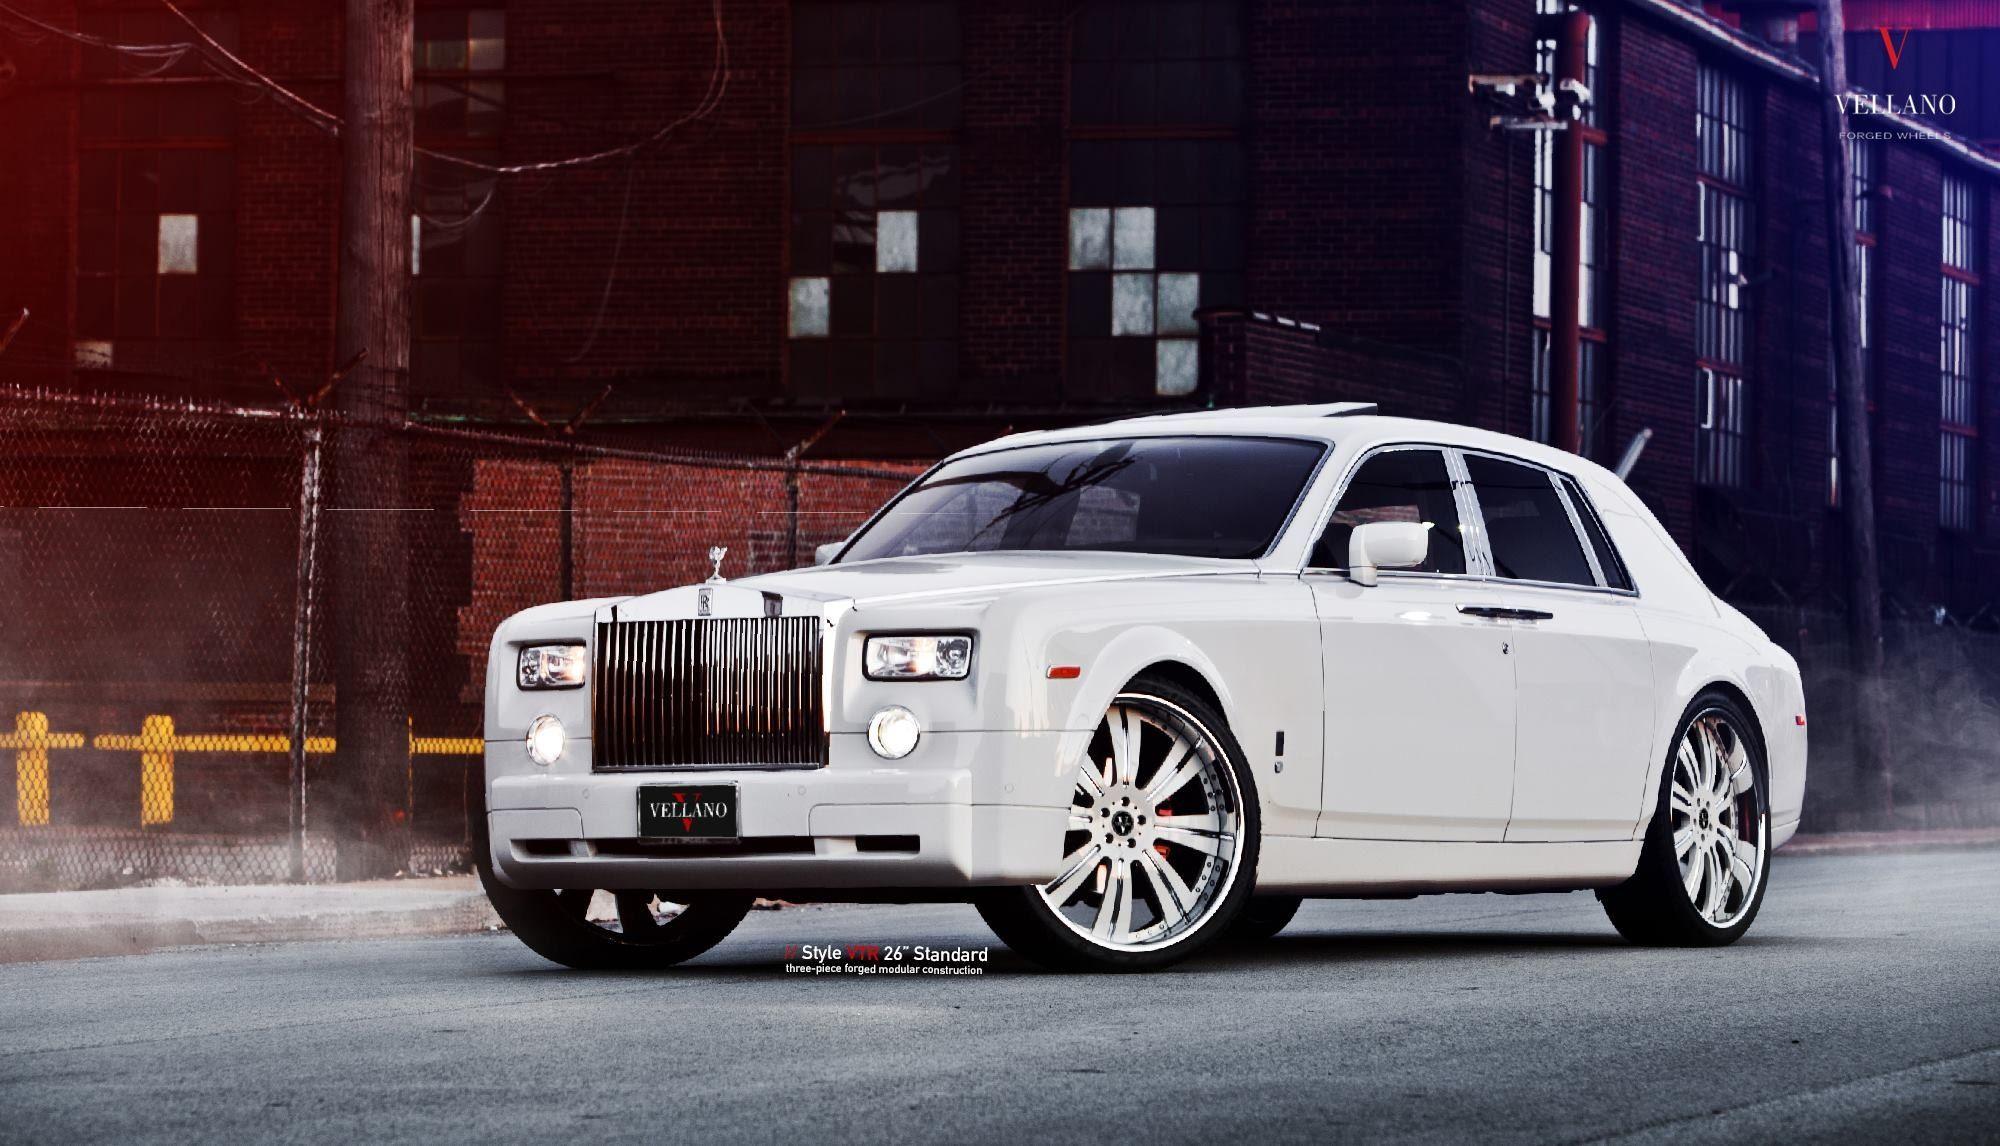 King Of All Cars White Rolls Royce Phantom With Aftermarket Parts Rolls Royce Rolls Royce Cars Rolls Royce Wallpaper